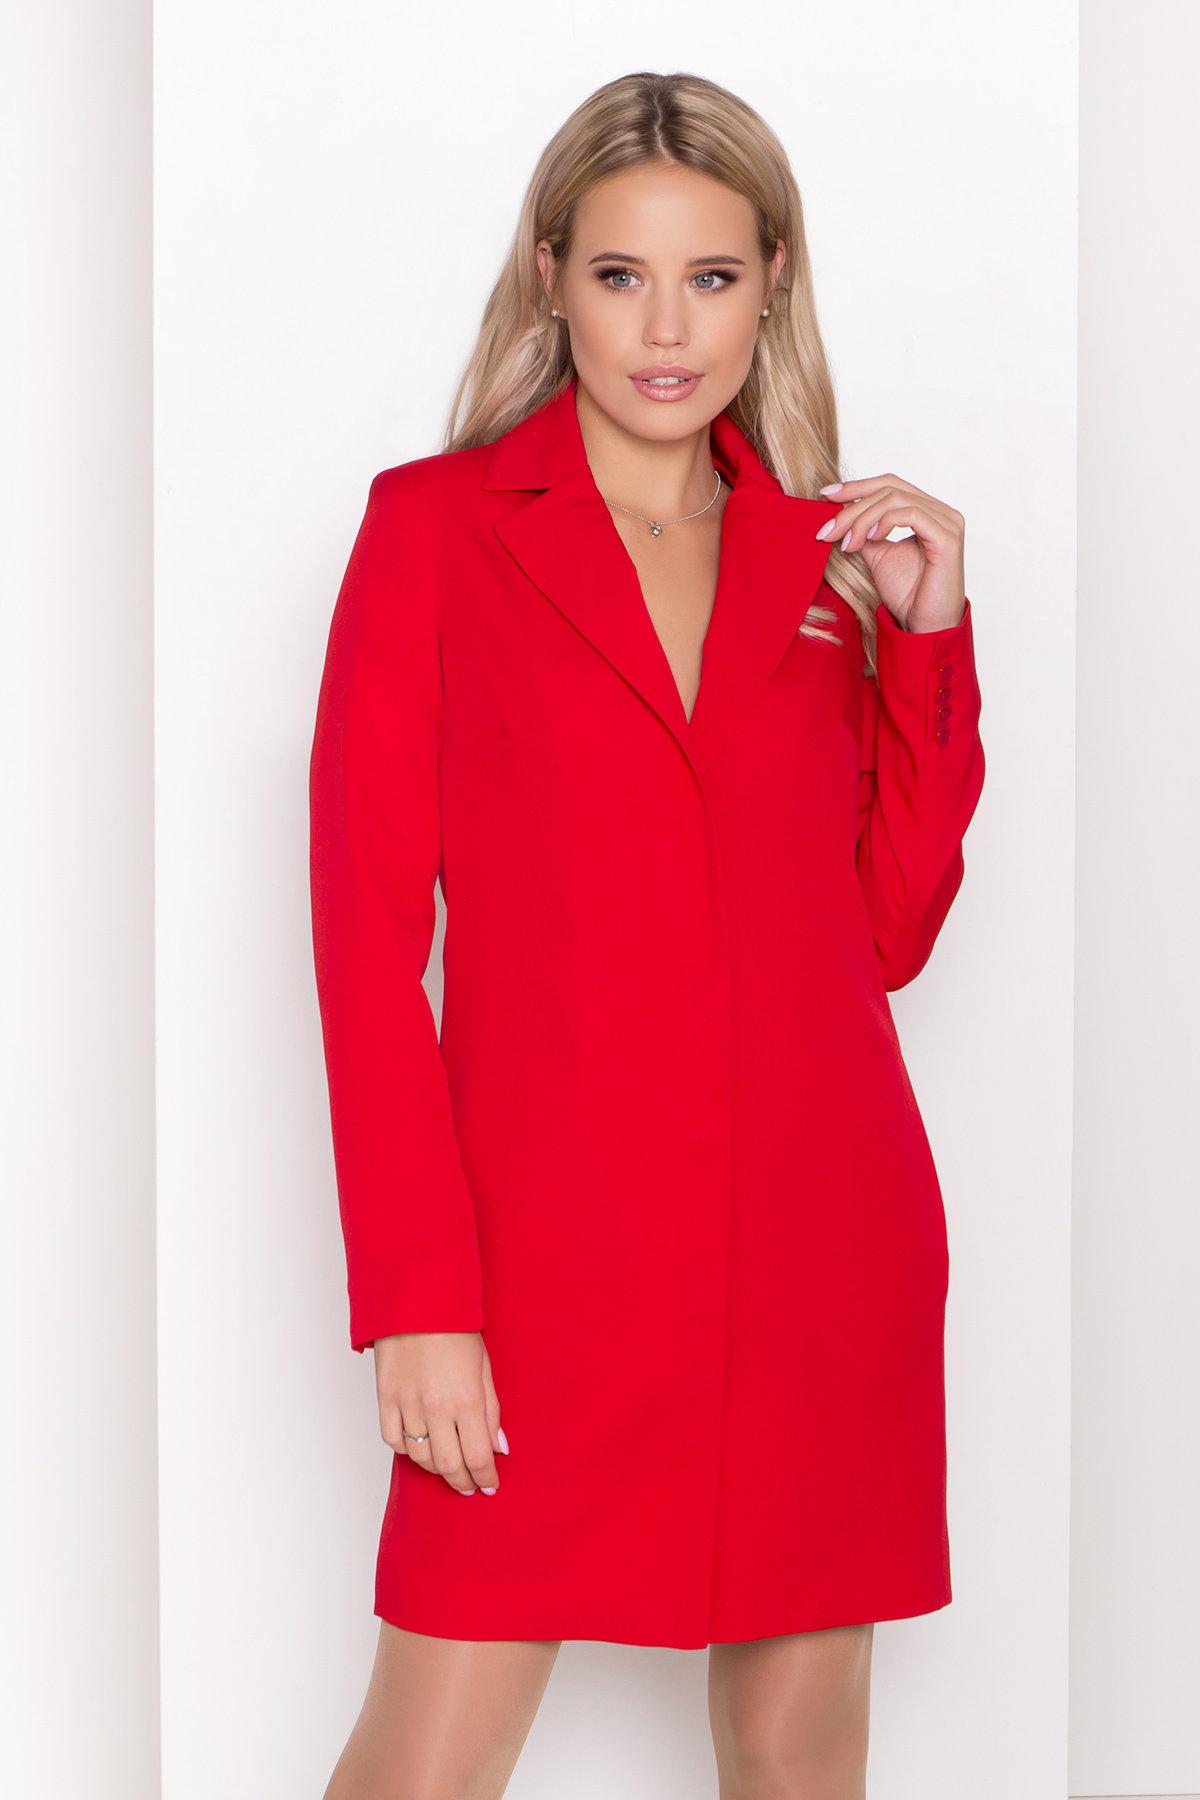 Стильное платье-жакет Маркиза 8095 АРТ. 44461 Цвет: Красный - фото 3, интернет магазин tm-modus.ru